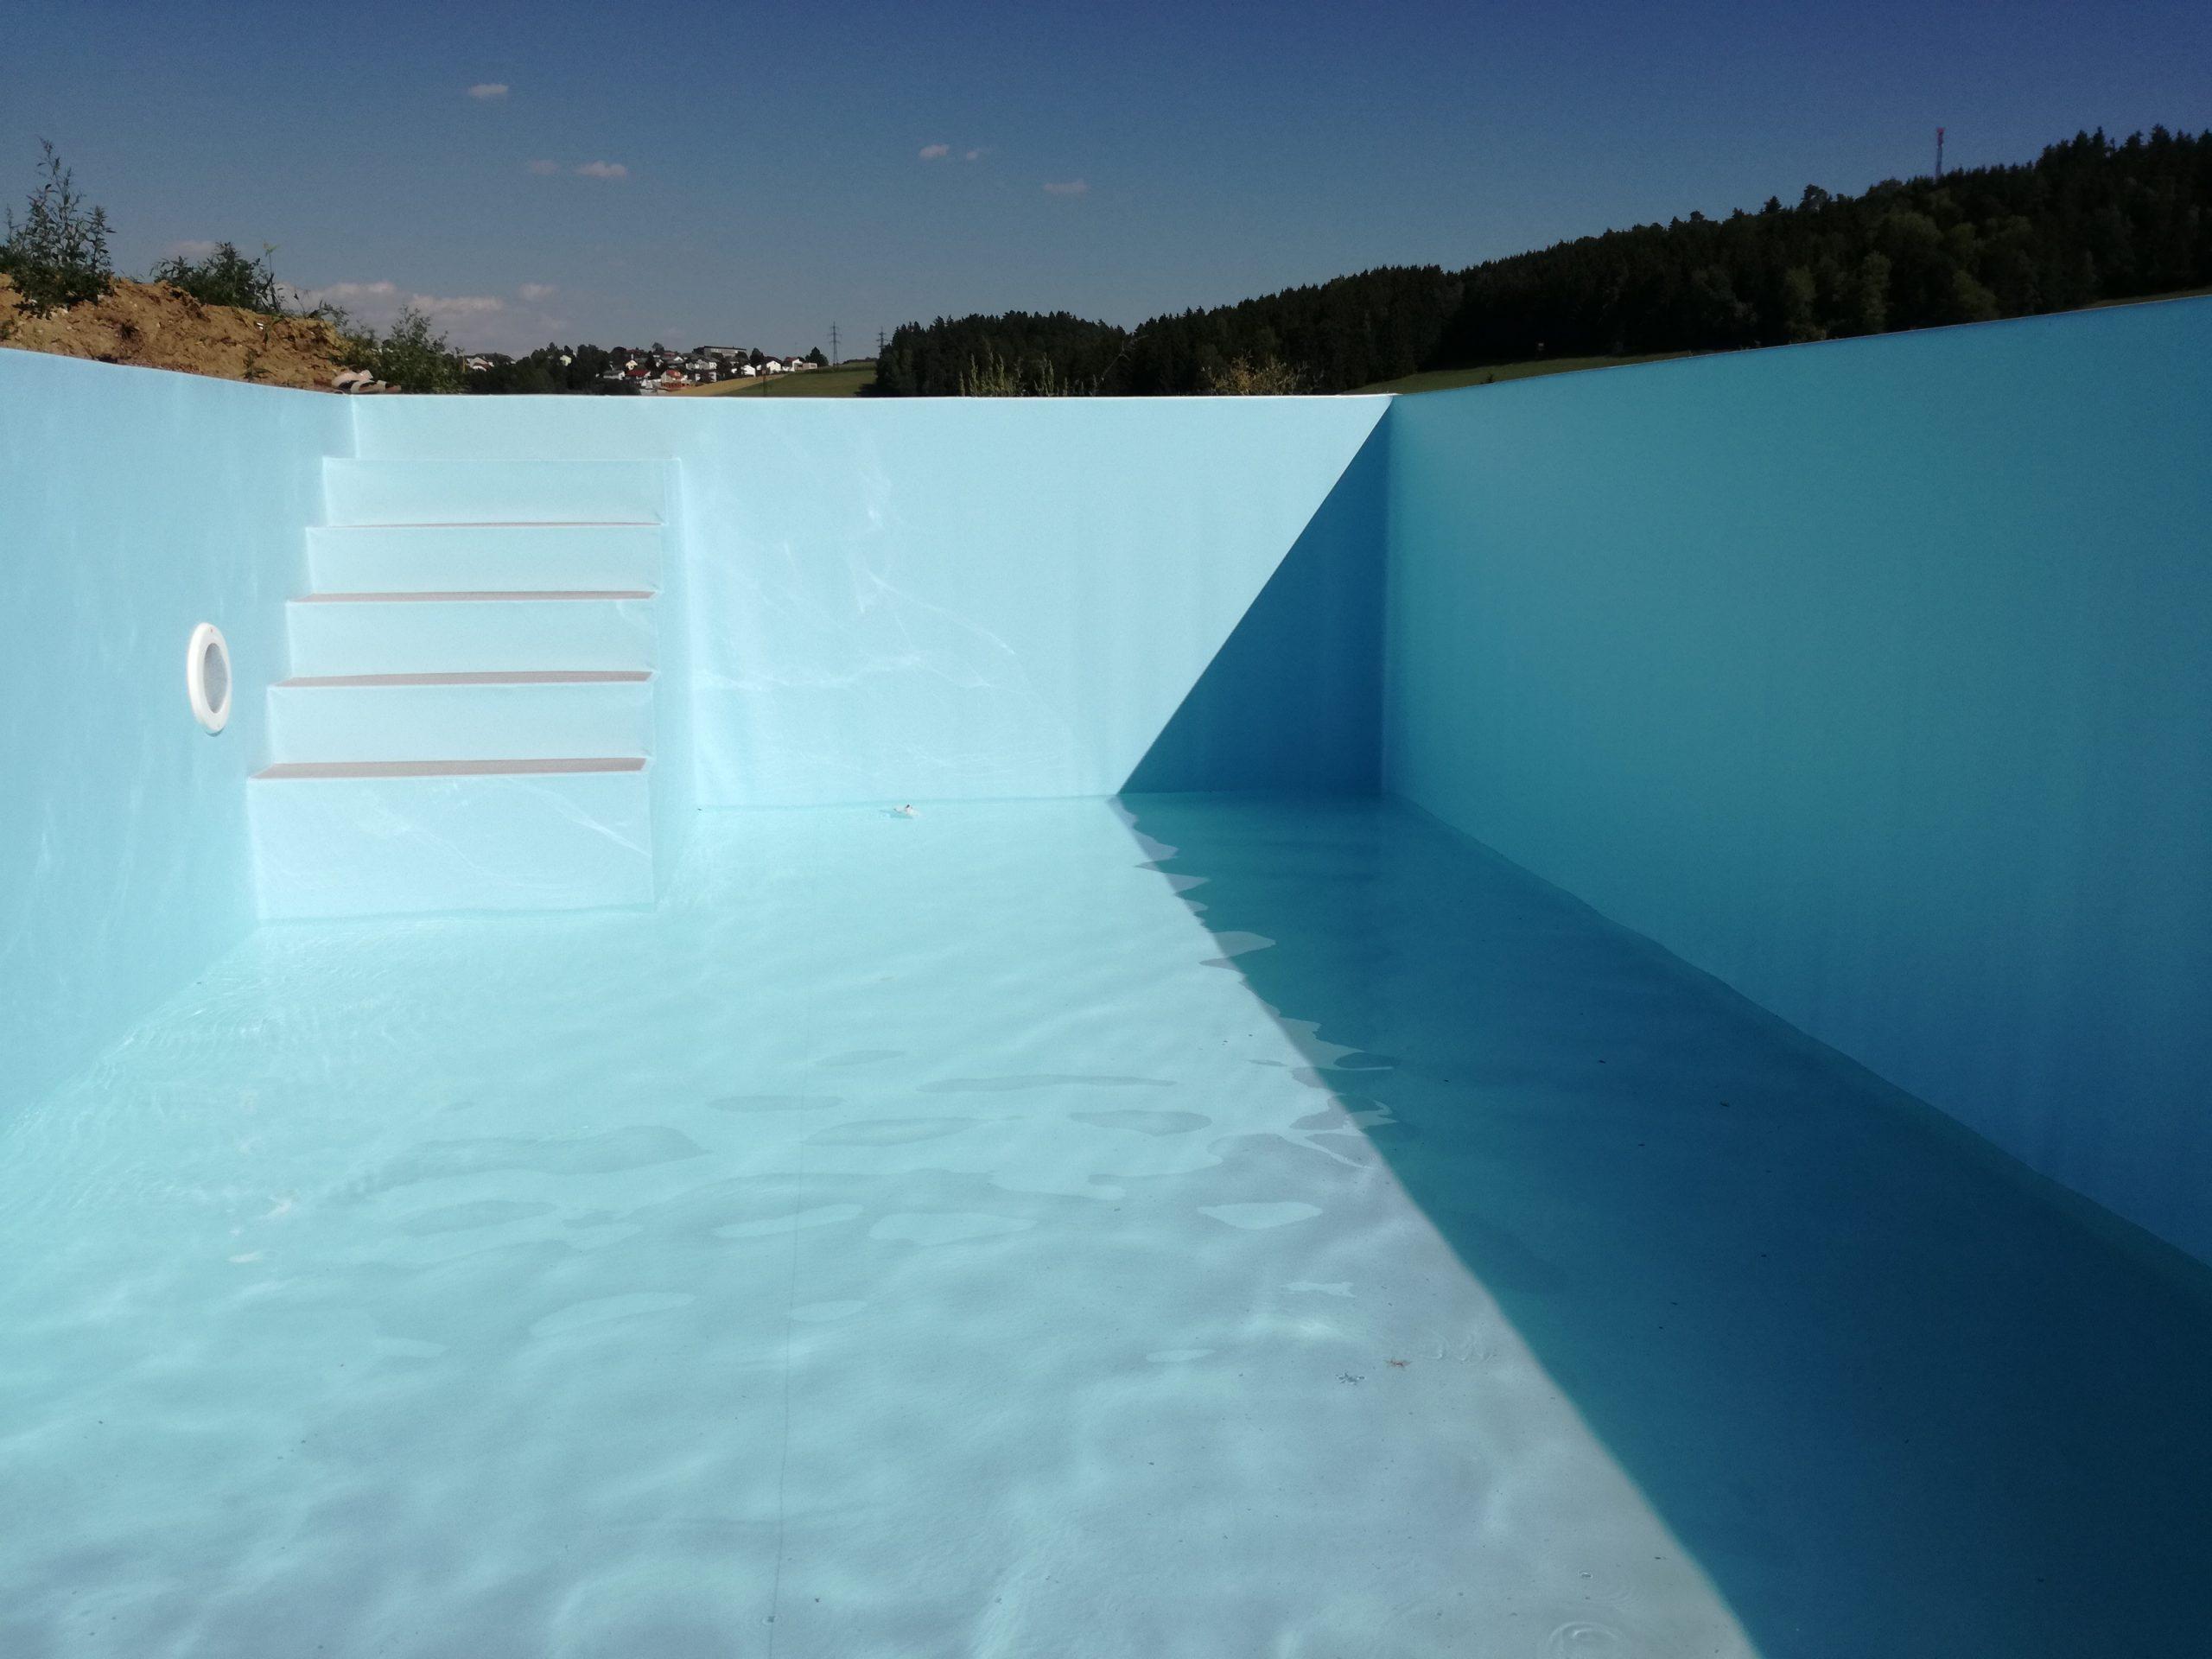 Machen Sie Ihr Schwimmbad winterfit!